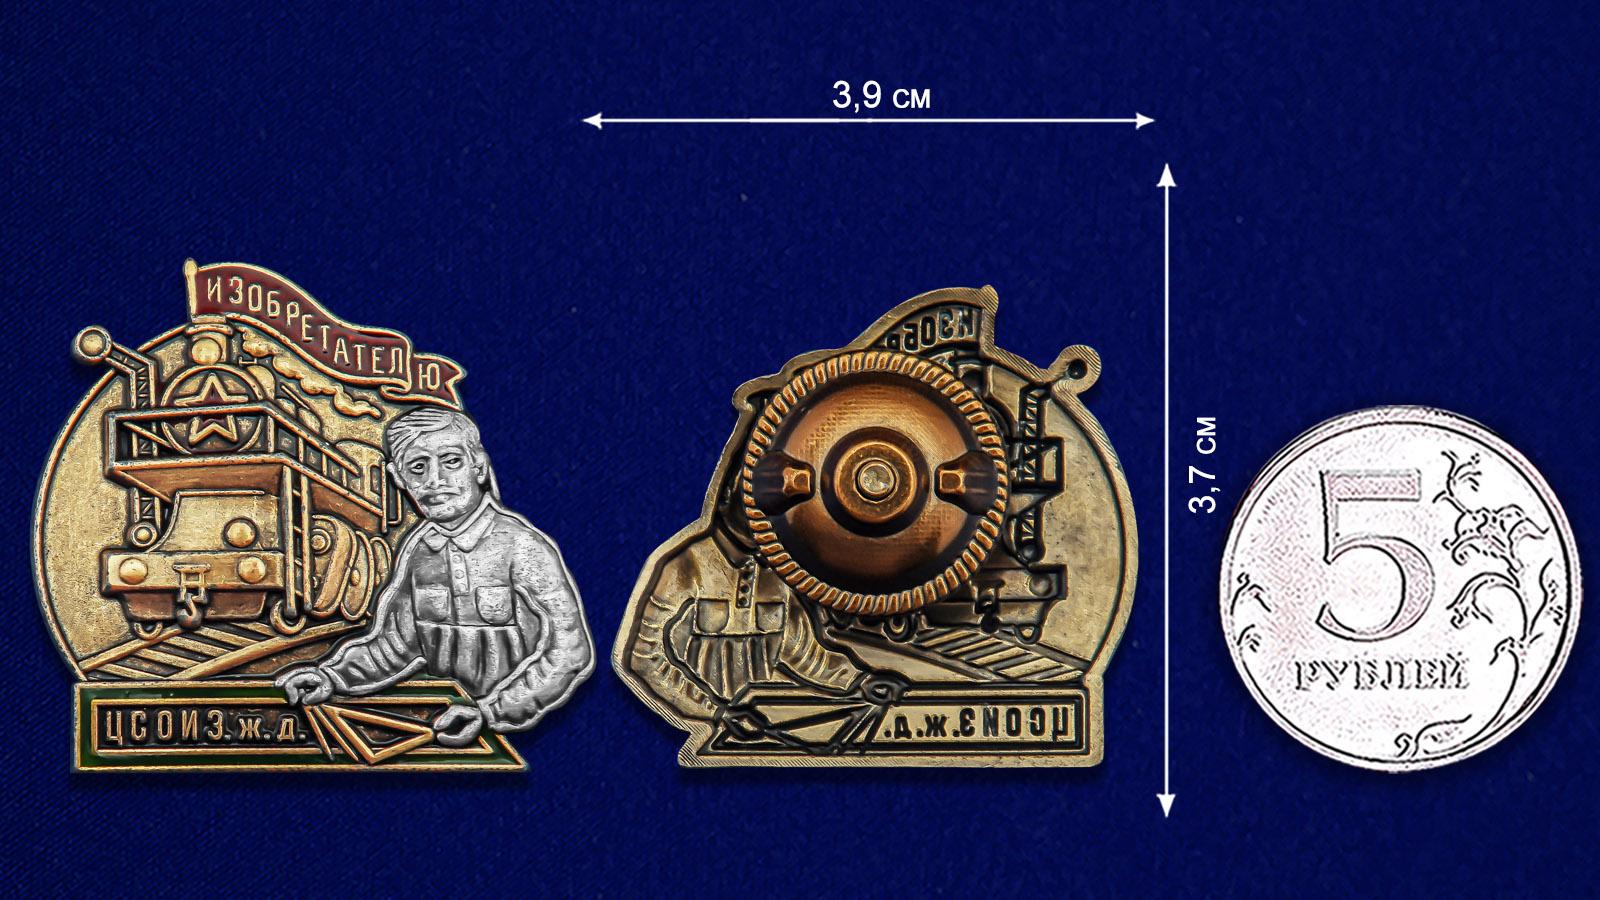 Латунный знак ЦСОИЗ ж.д. Изобретателю - сравнительный вид